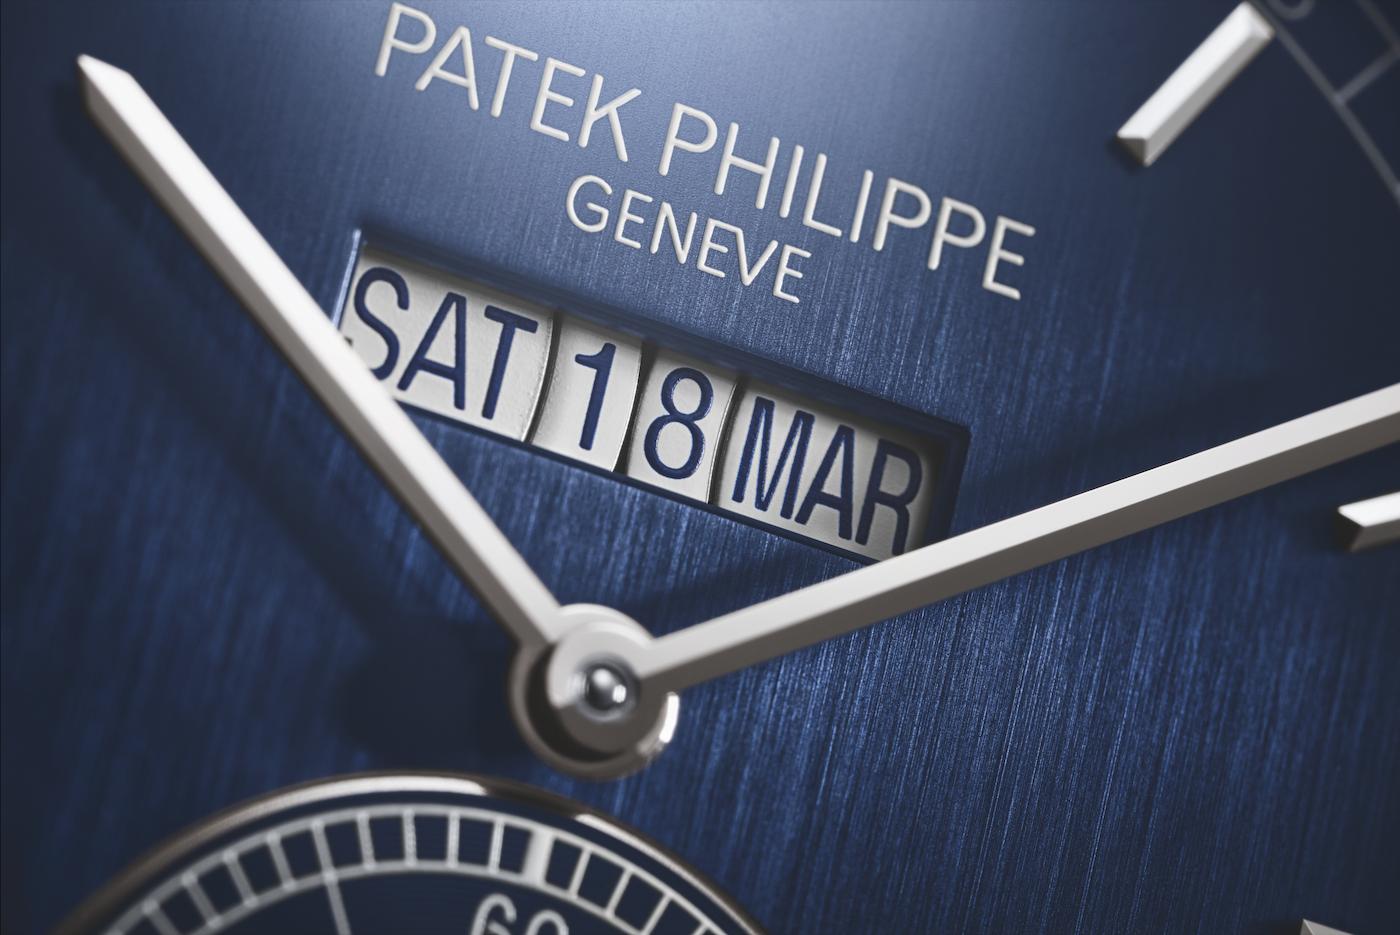 Patek Philippe: Elegance in perpetuity